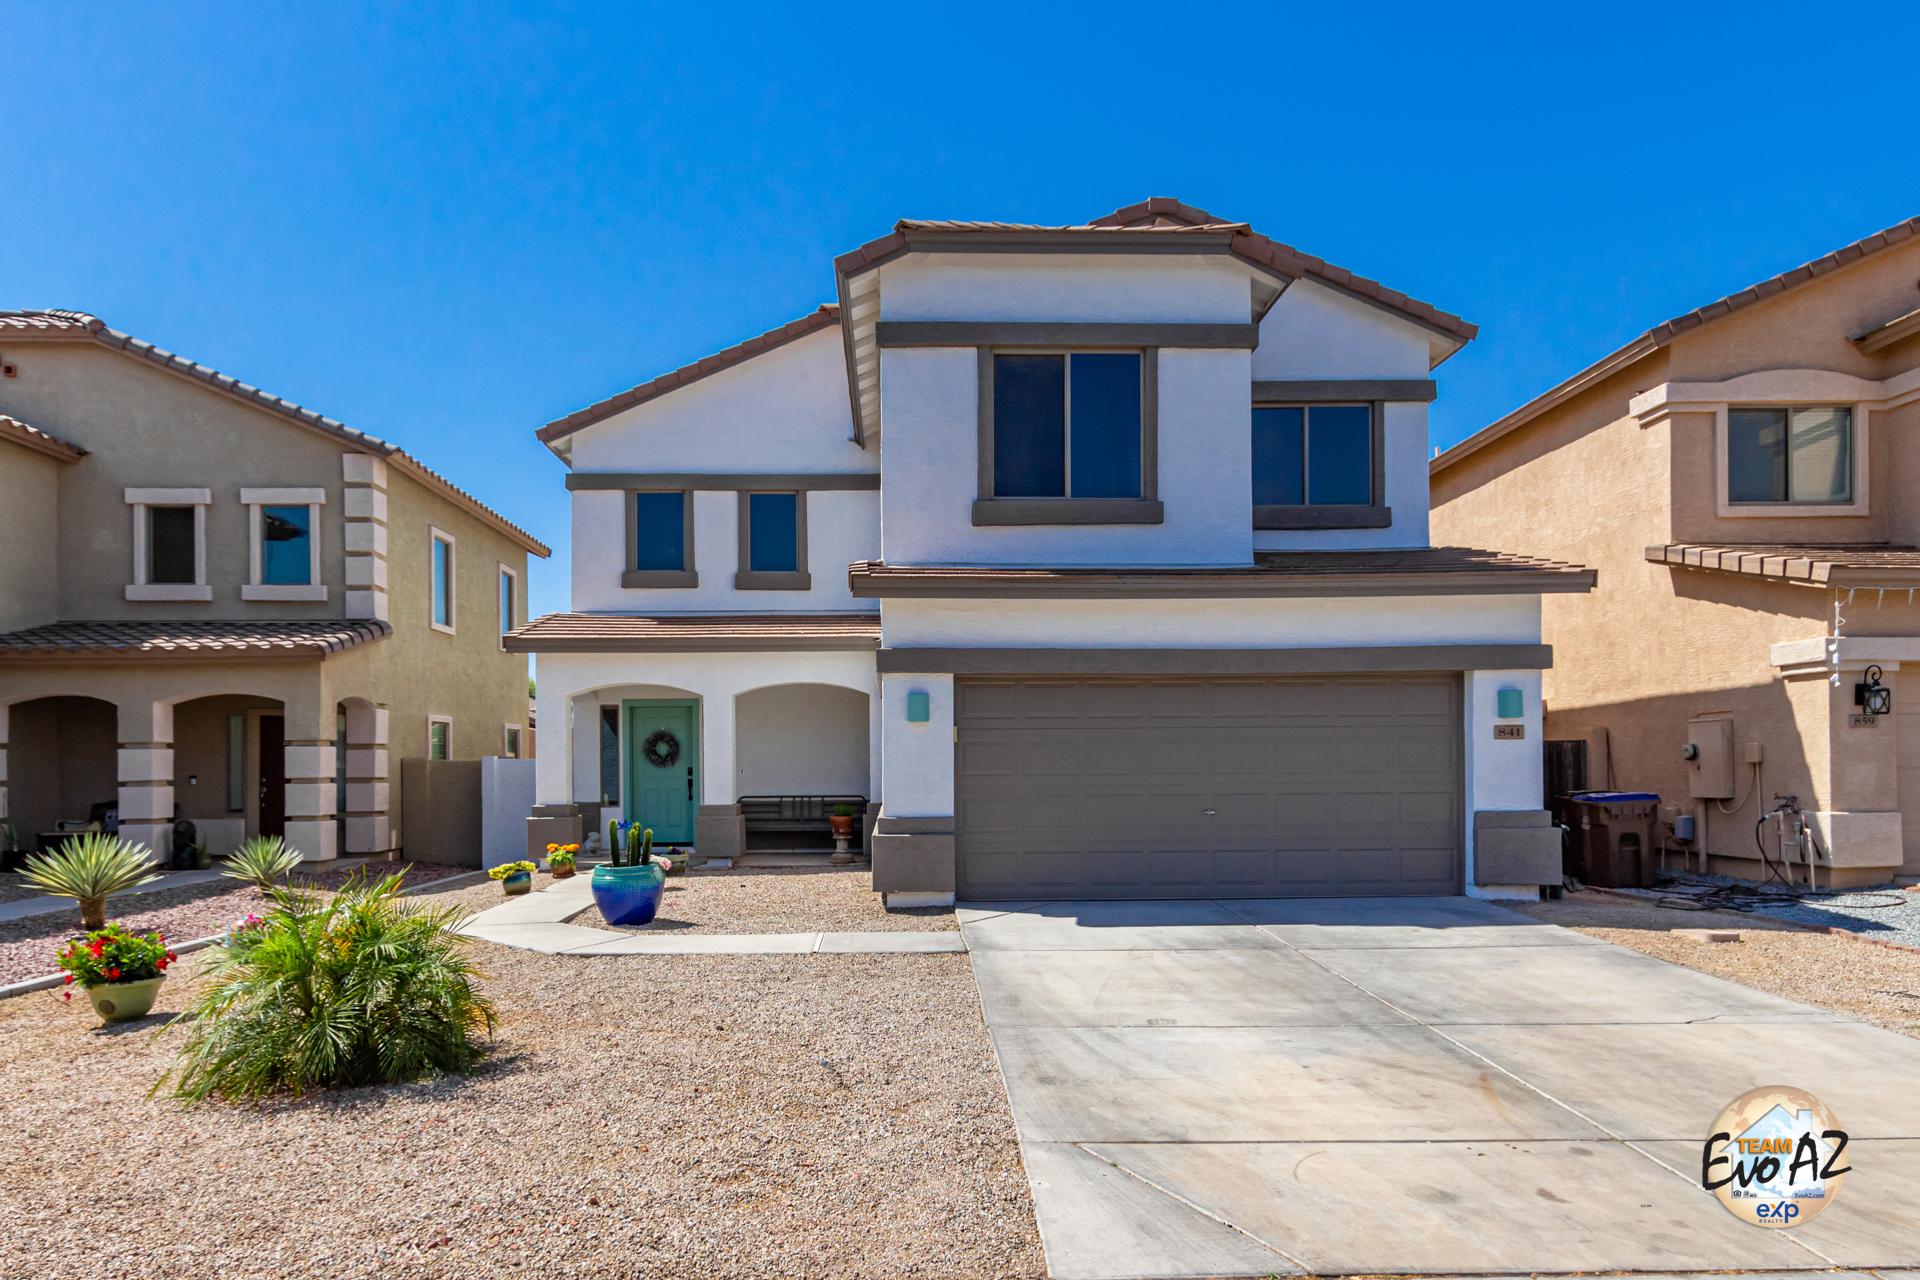 841 W Oak Tree Ln, Queen Creek, AZ 85143